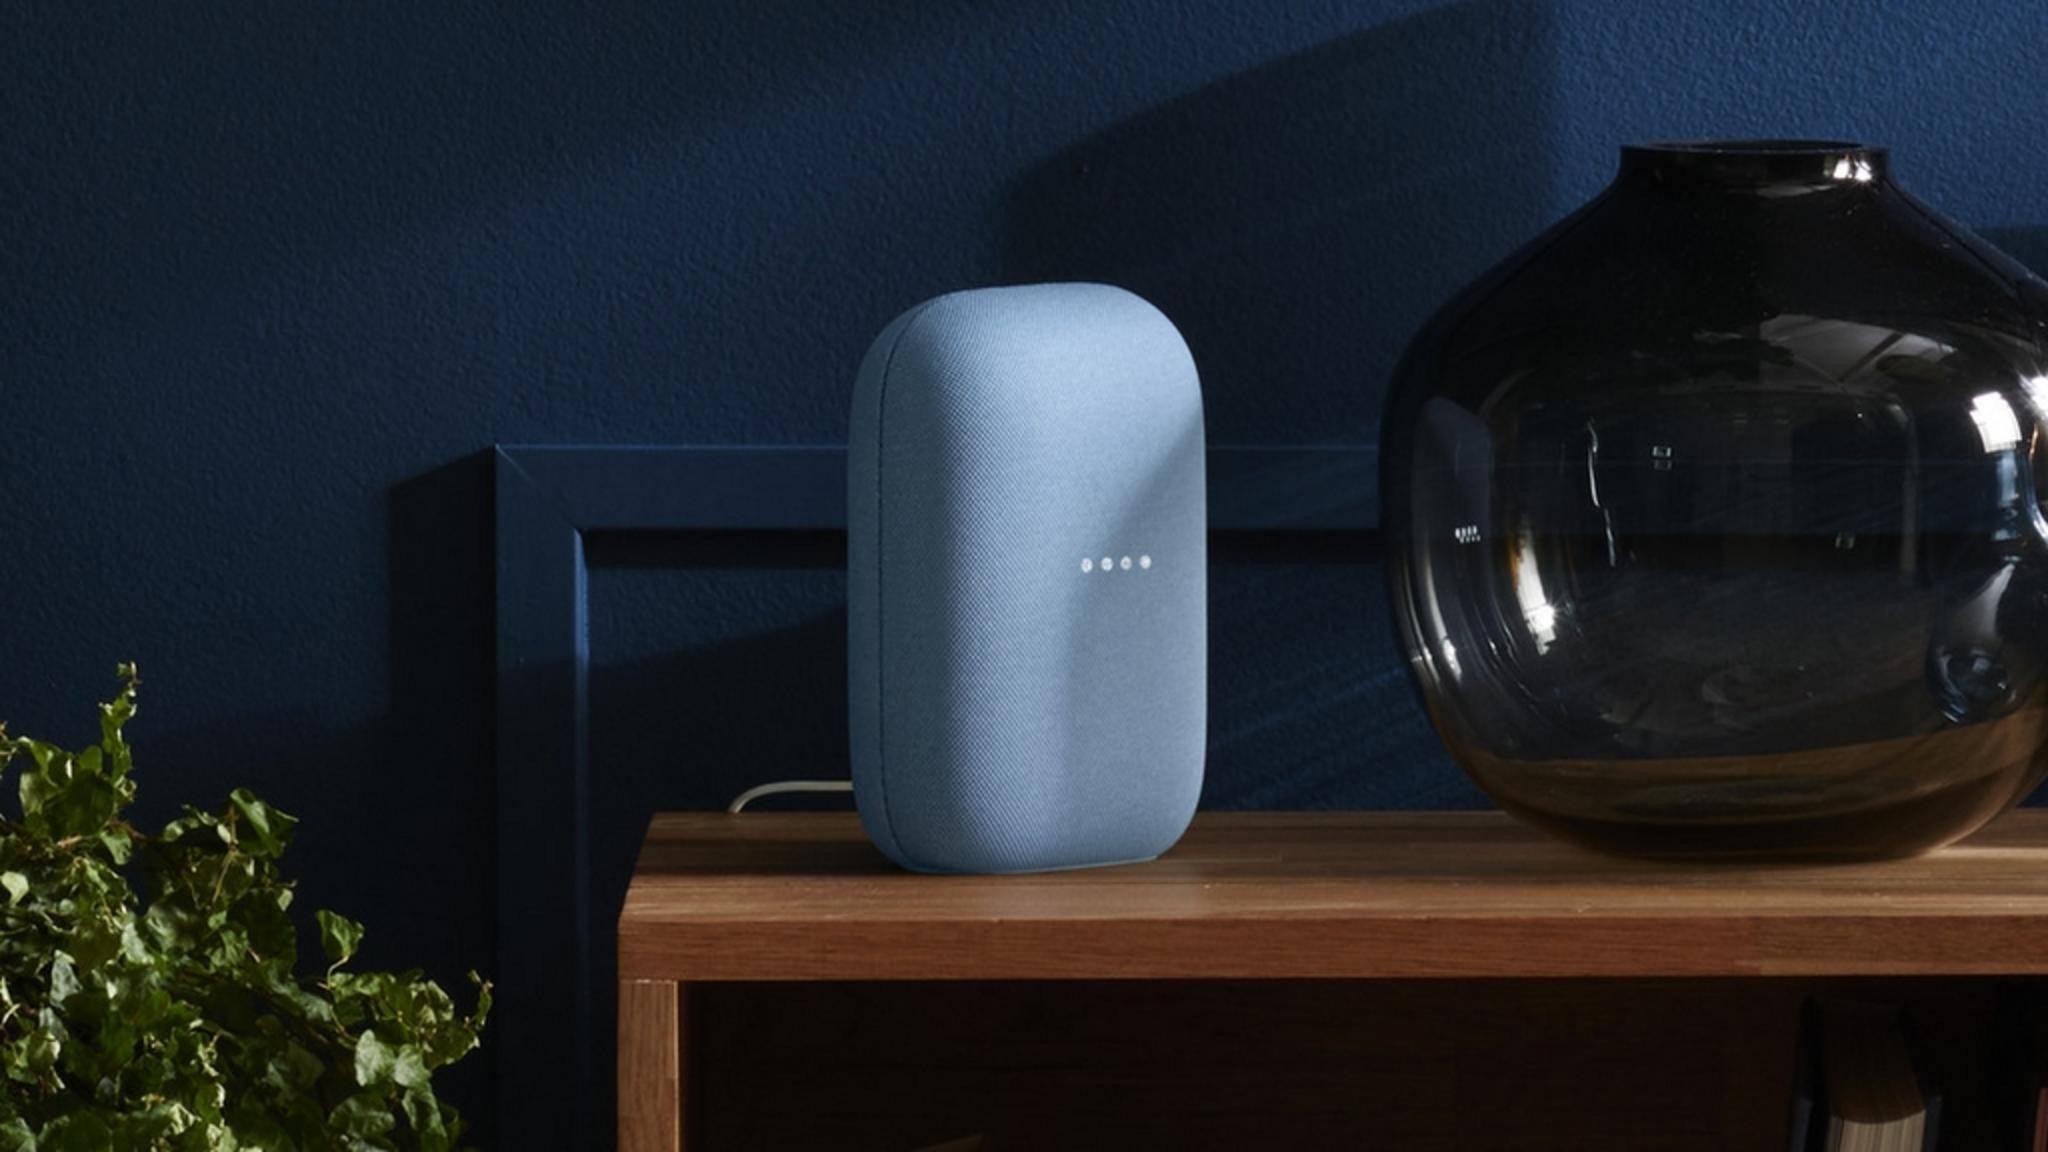 Google-Nest-Smart-Speaker-2020